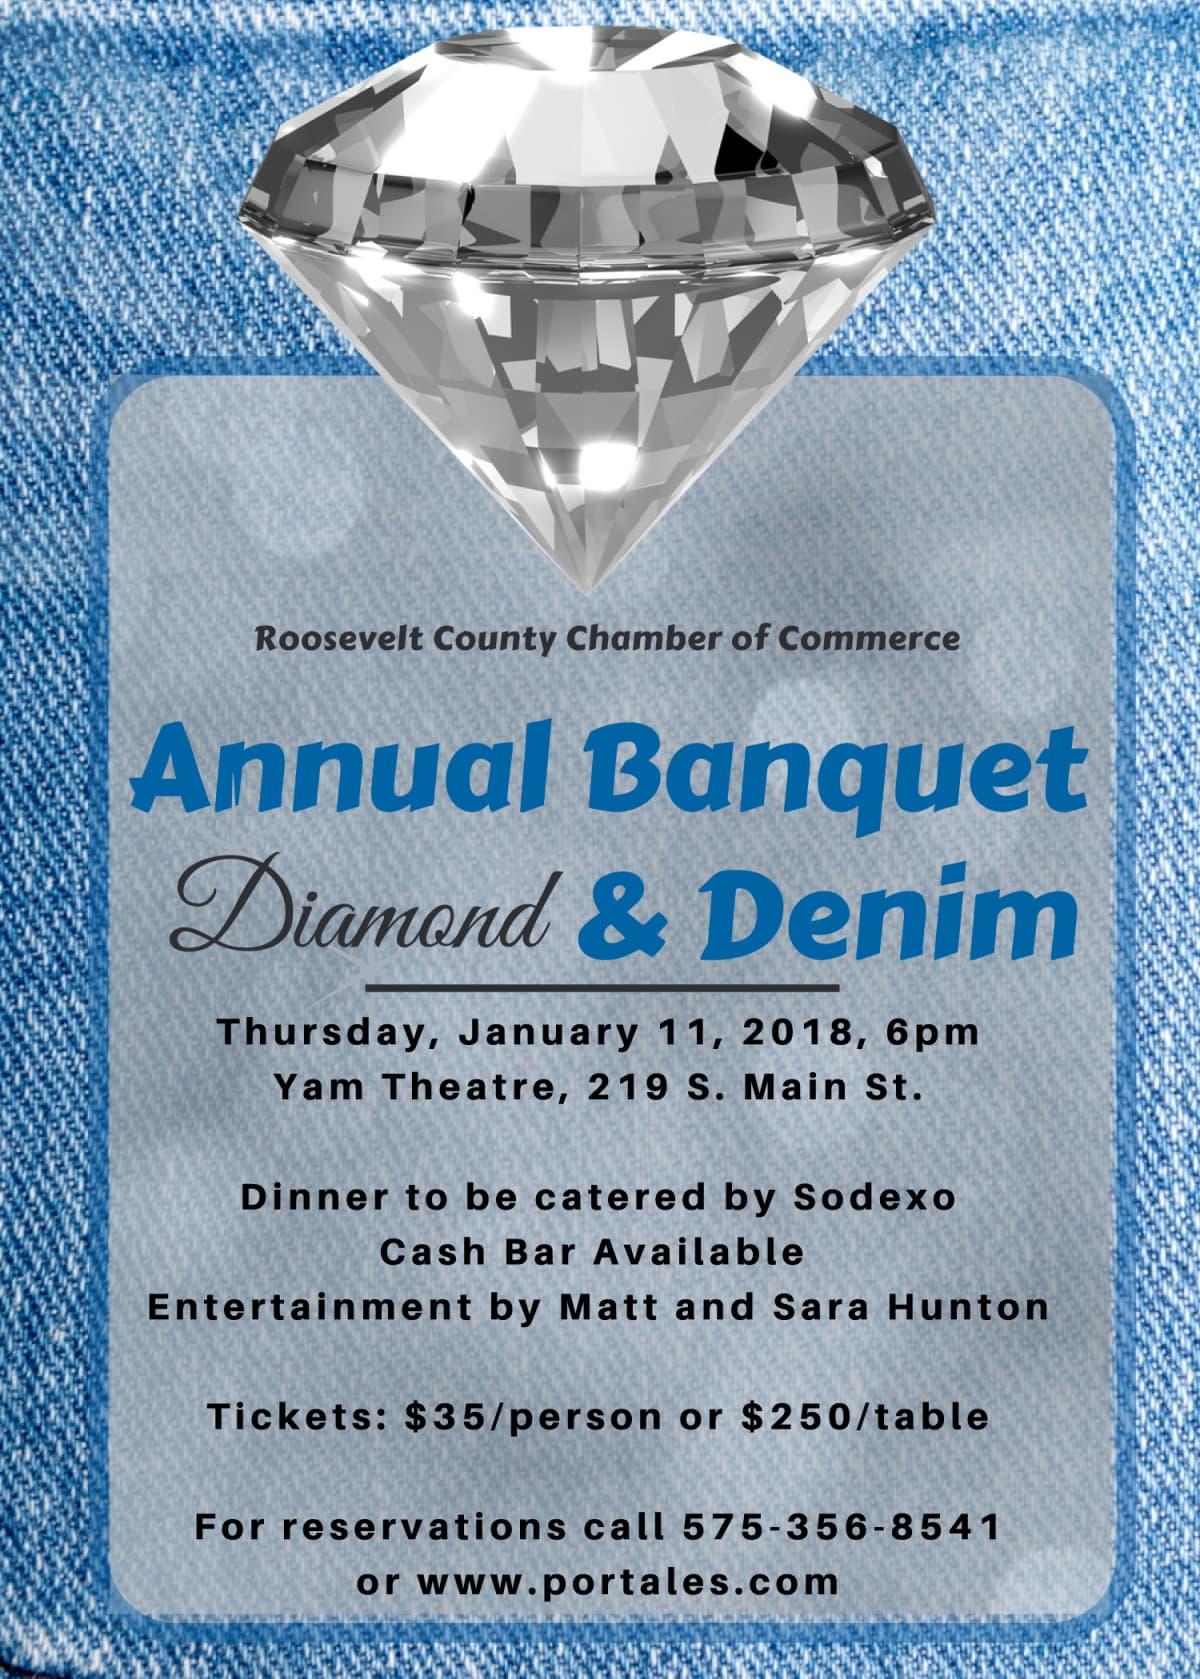 Banquet-flyer-w1200.jpg